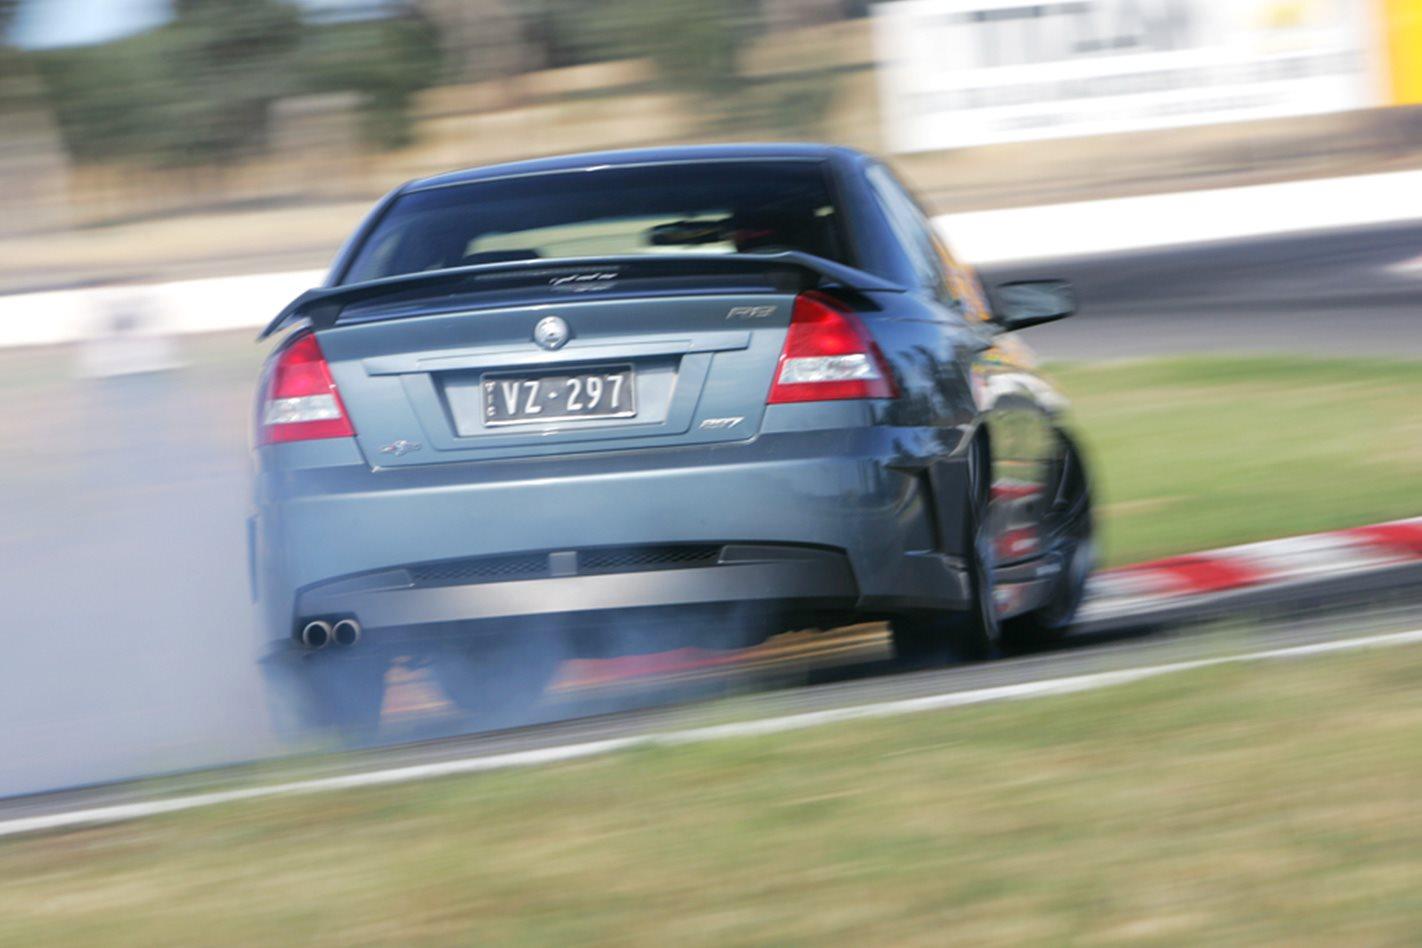 2005-HSV-GTO-Coupe.jpg